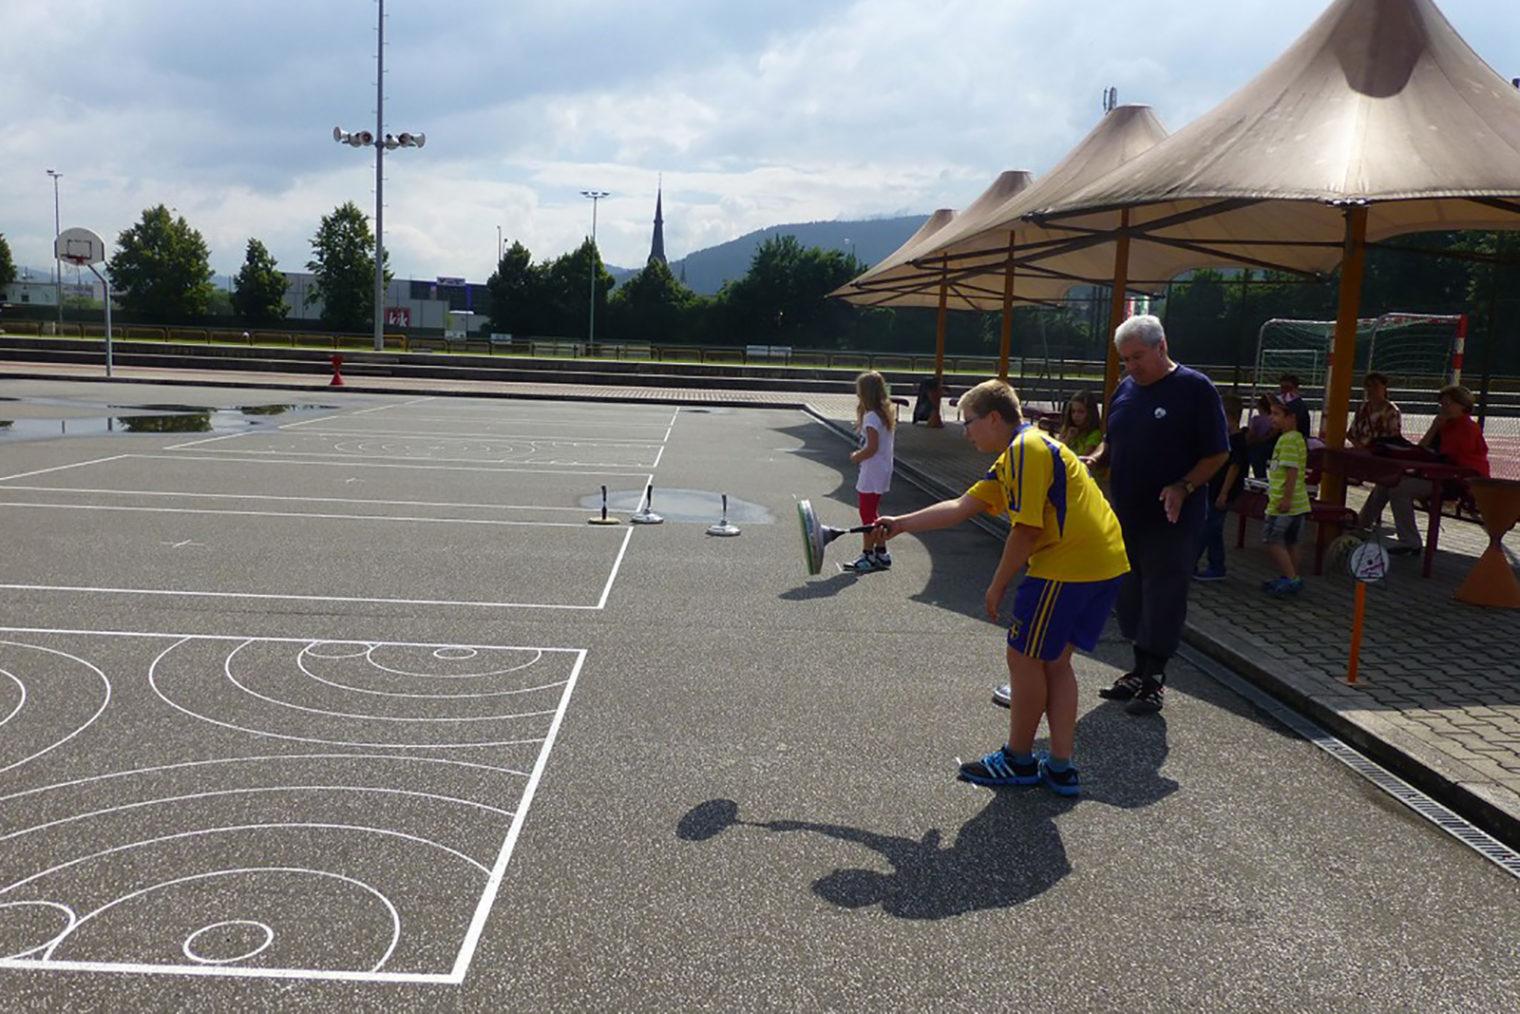 Stockschießen beim Sommersport & Spaß 2014